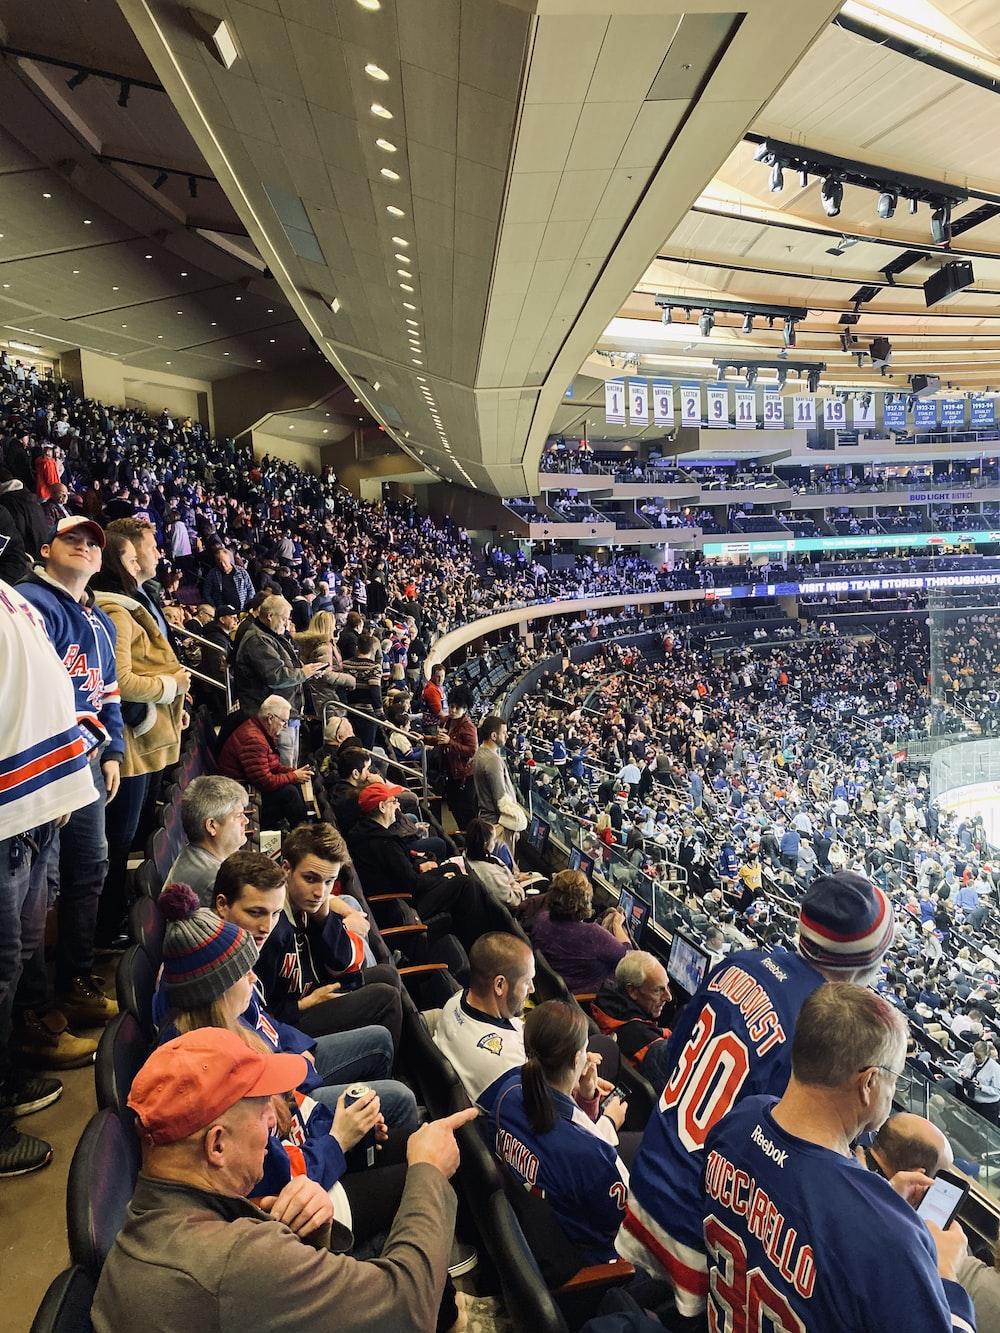 people in stadium